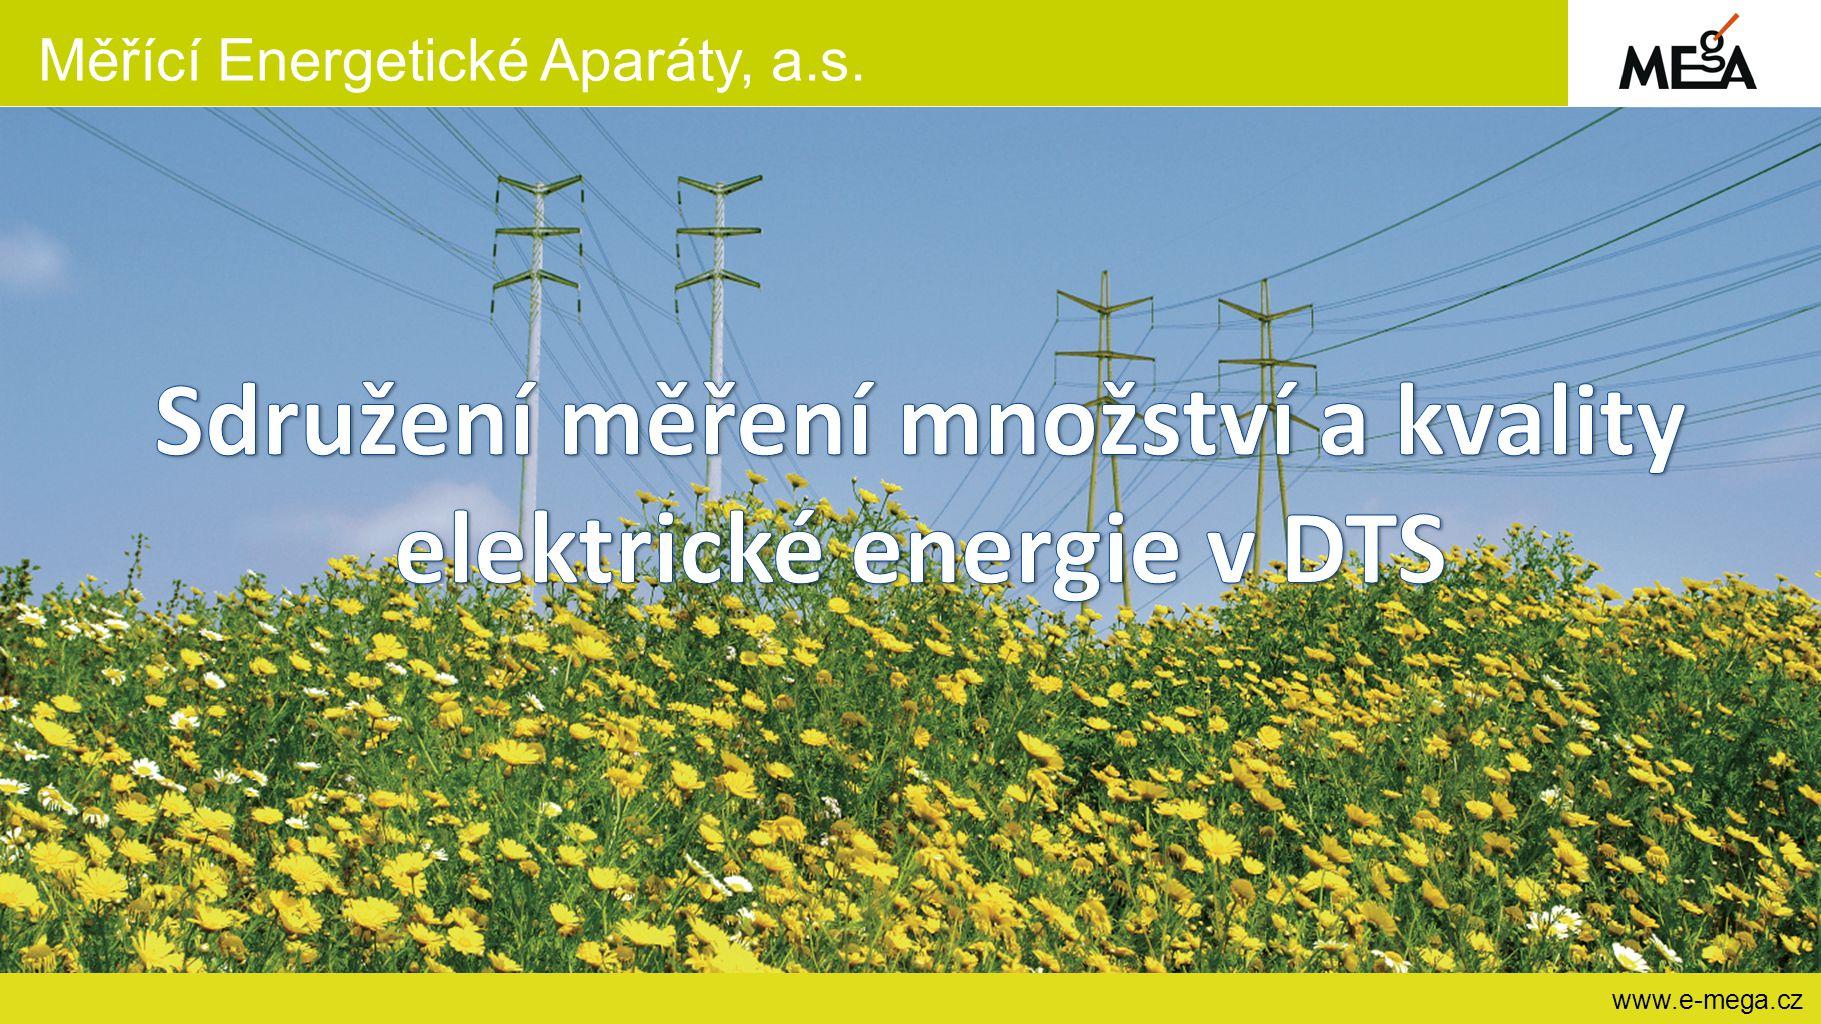 Měřící Energetické Aparáty, a.s. www.e-mega.cz